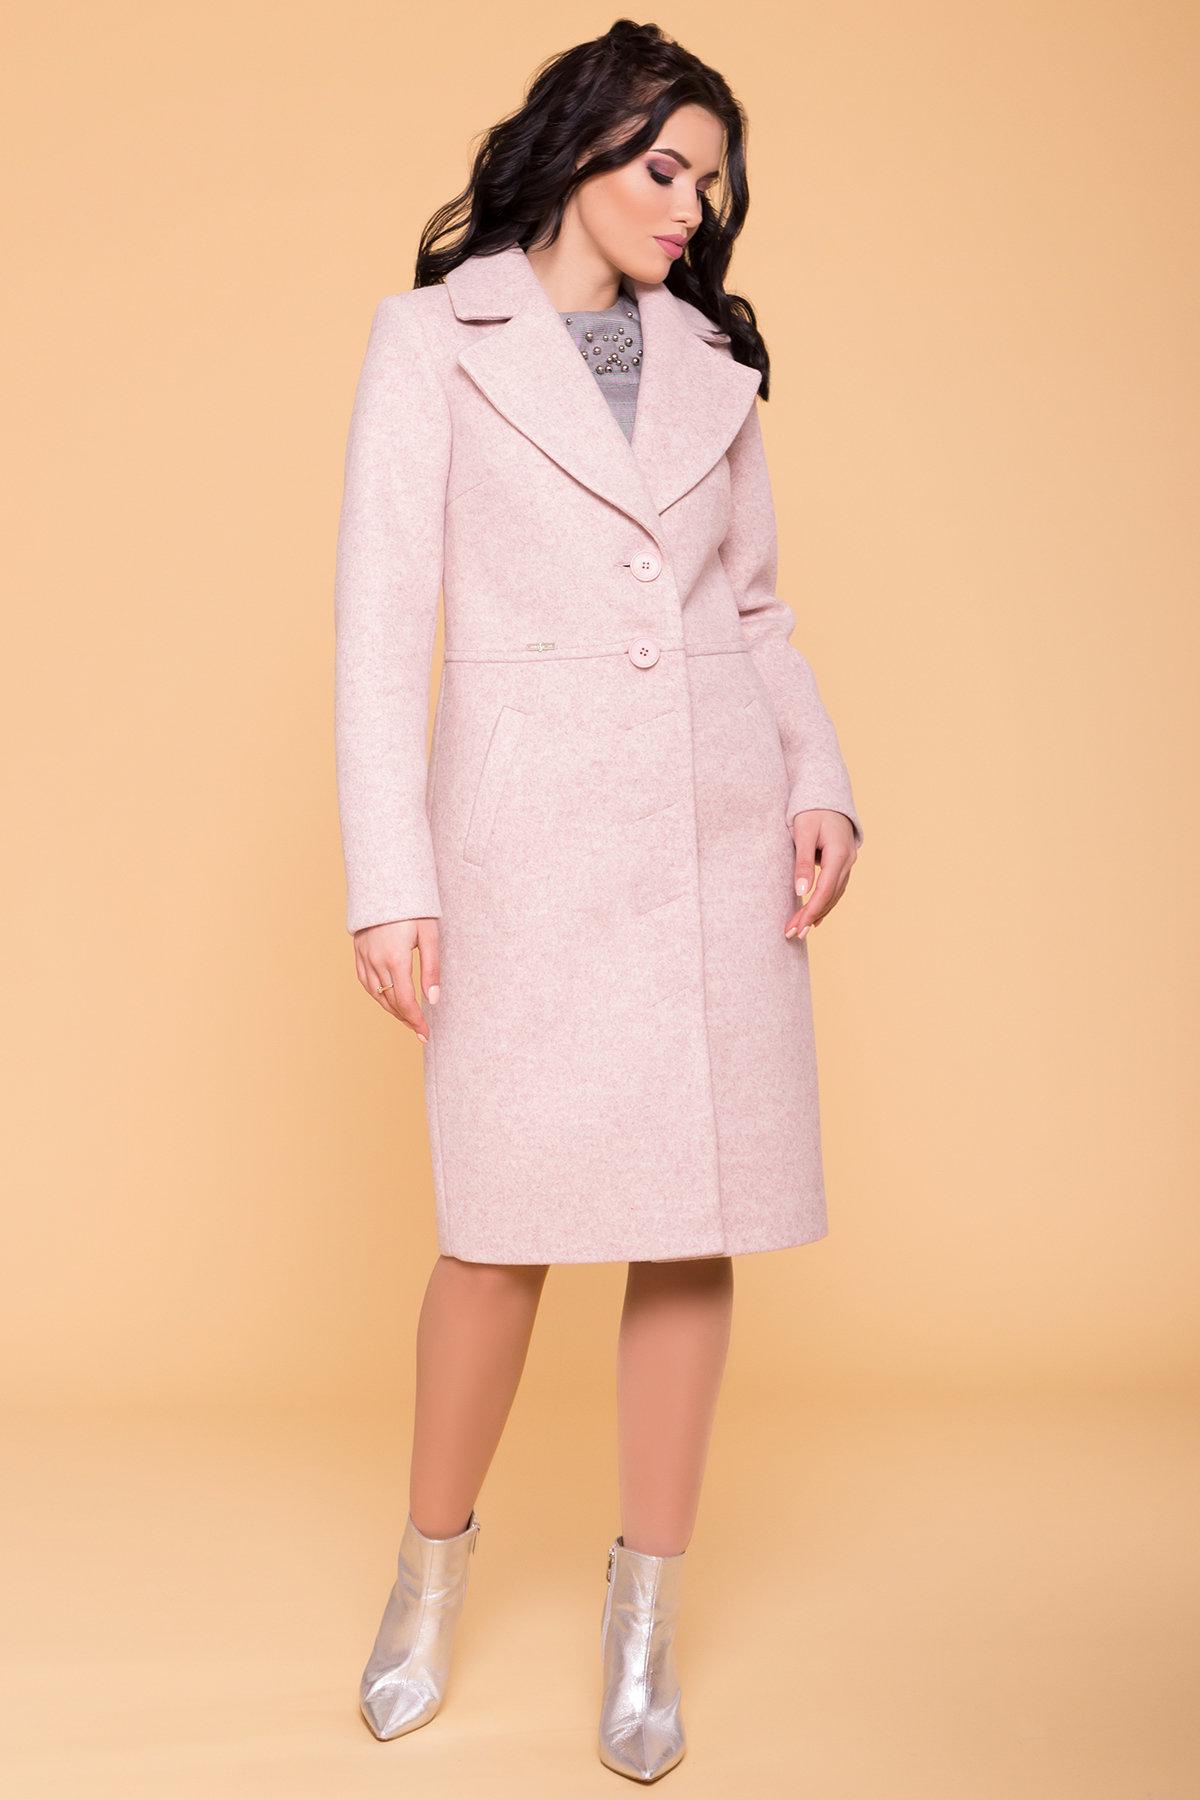 Пальто Габриэлла 6289 Цвет: Бежевый/Розовый 6